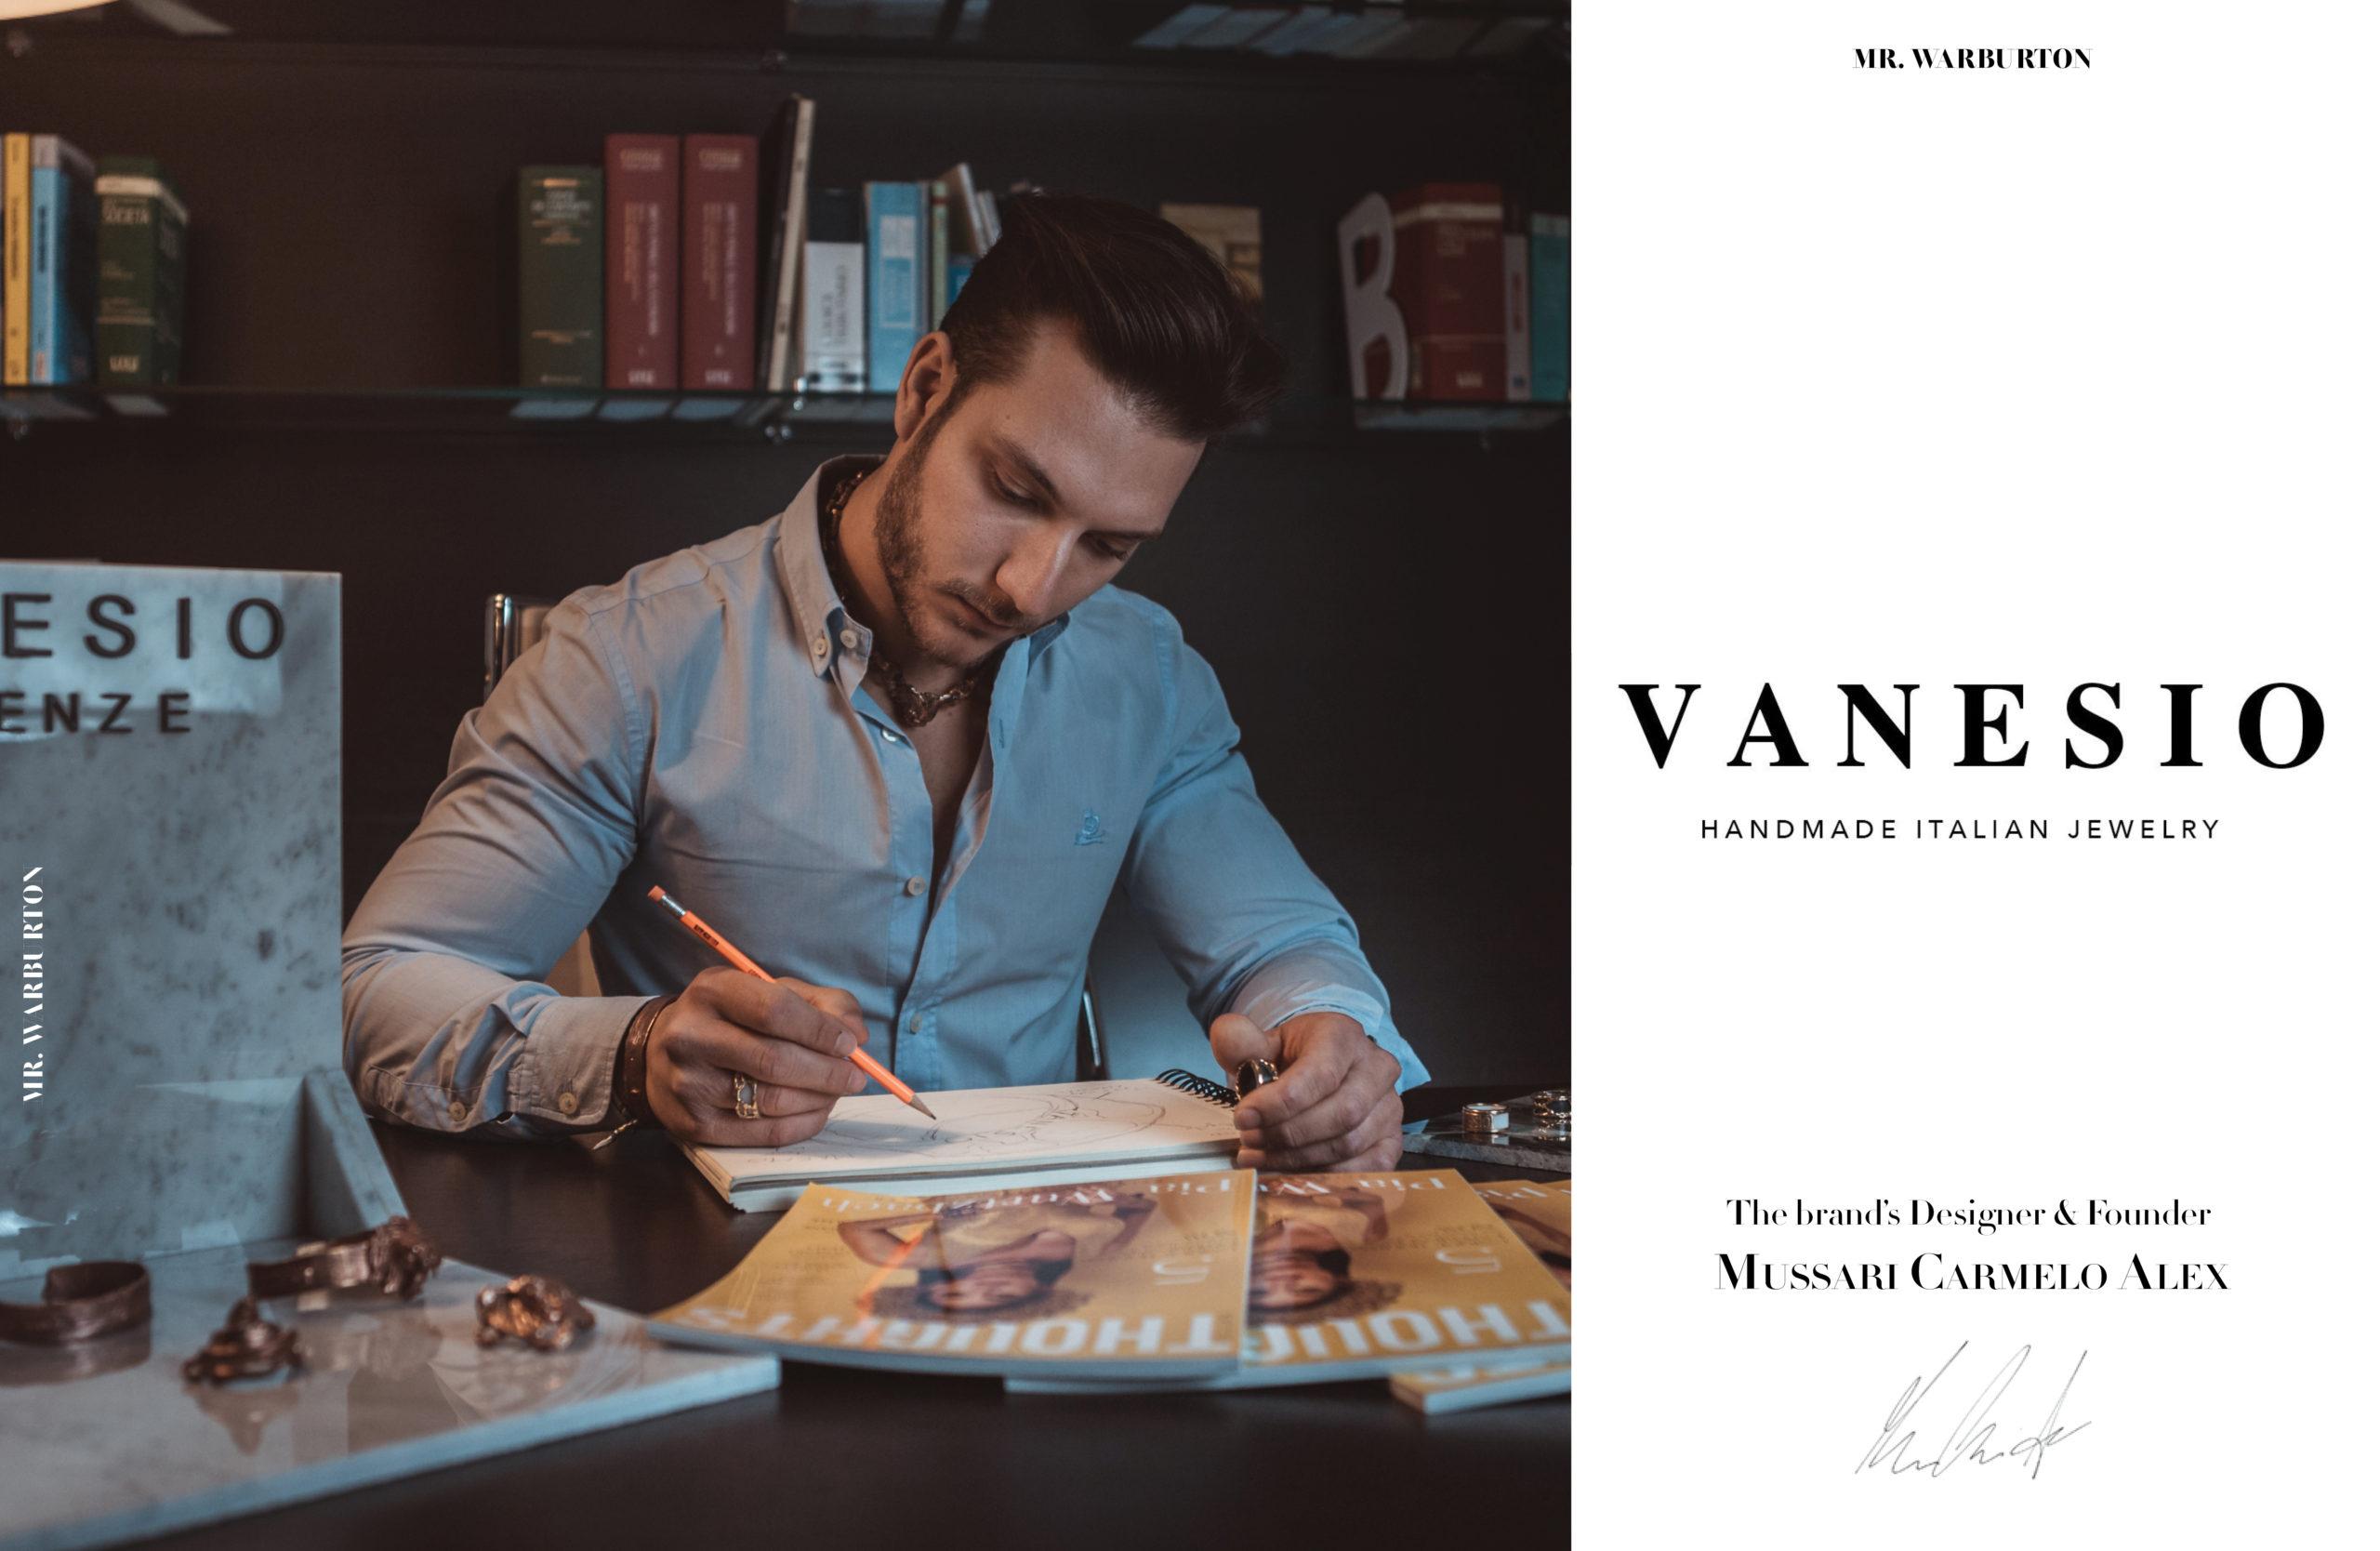 Mr. Warburton Magazine Vanesio